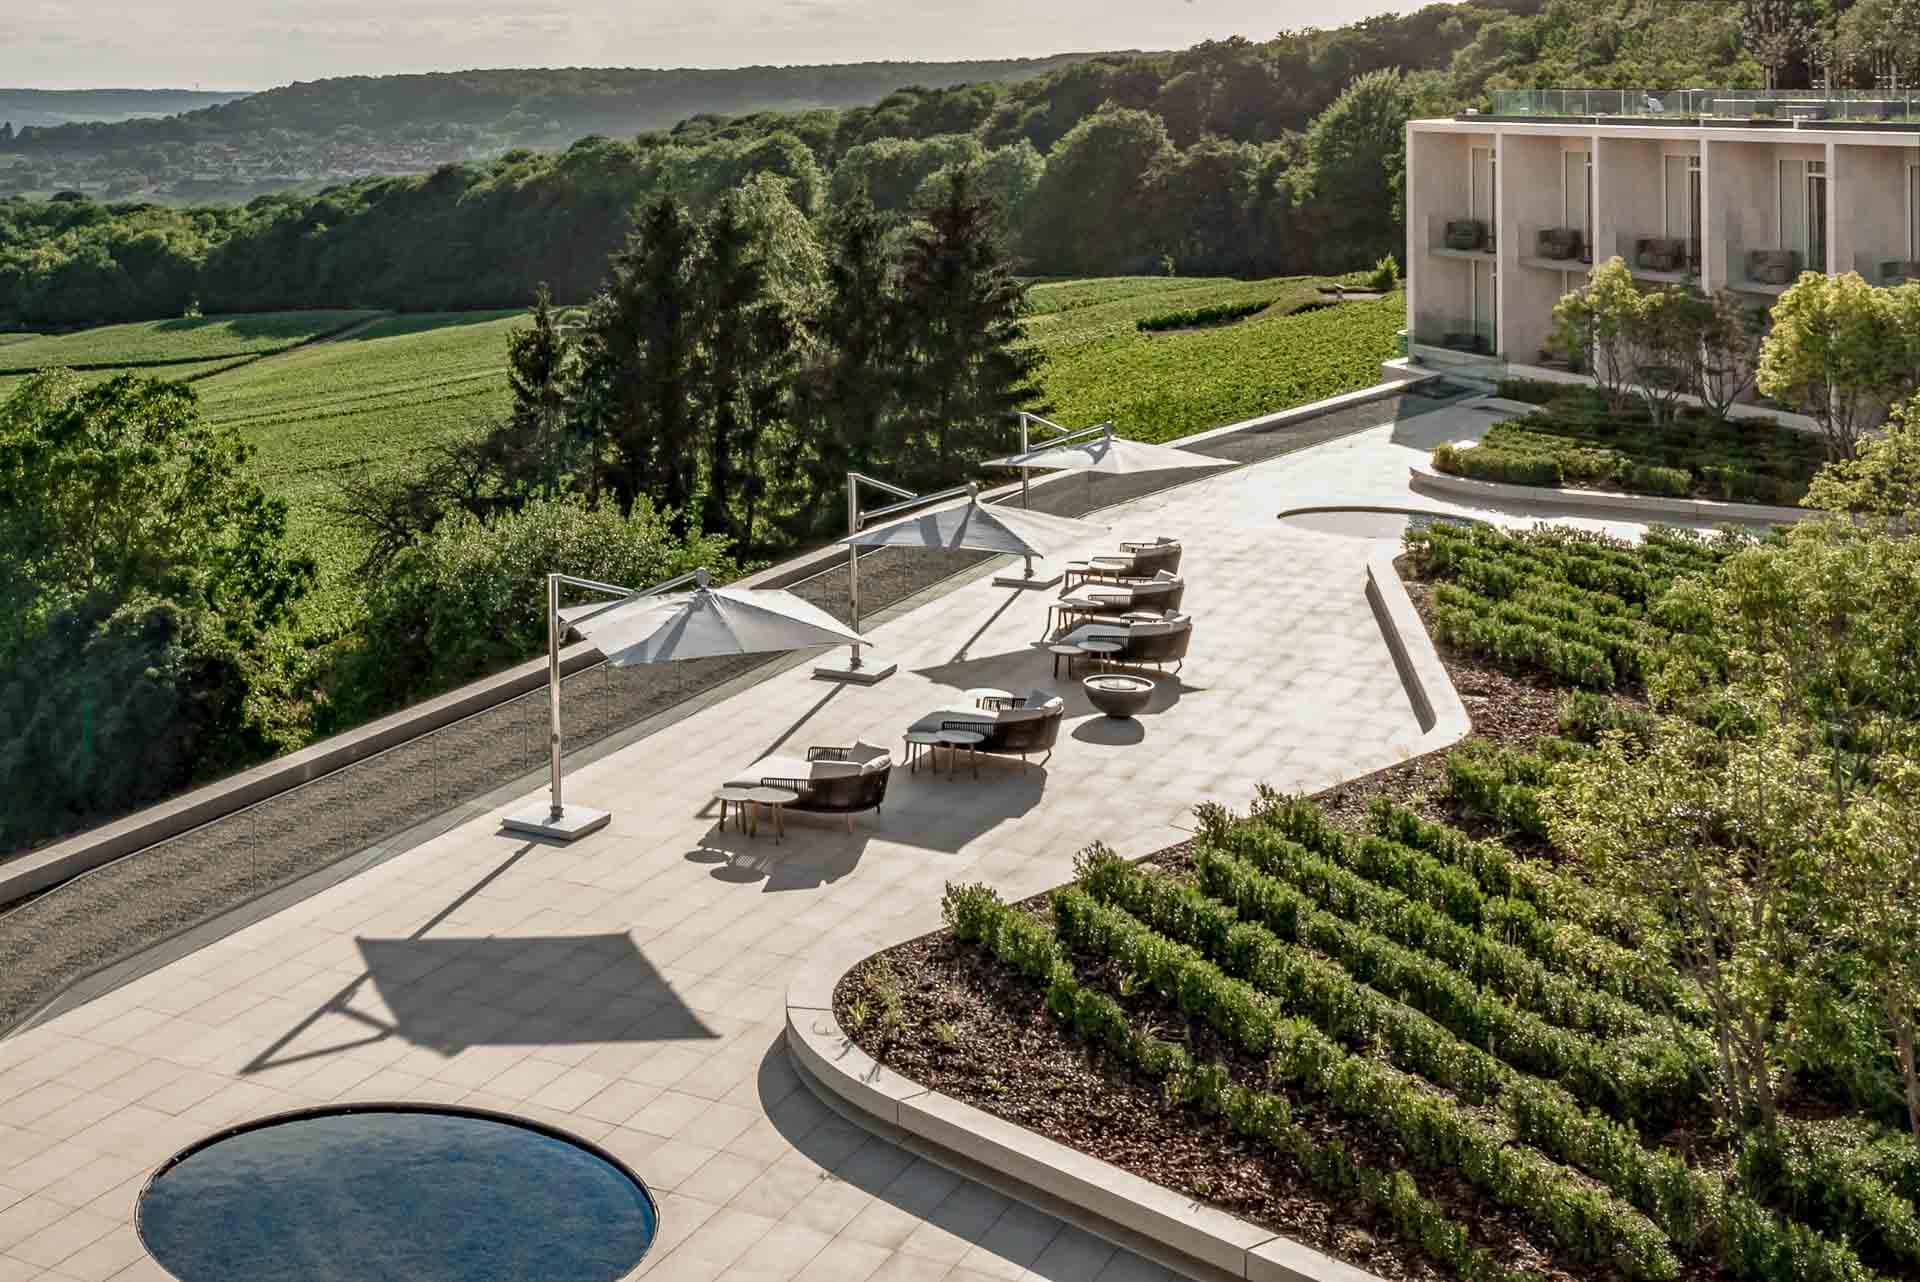 Tour d'horizon des meilleures adresses pour se loger avec style pendant votre prochain week-end champenois, entre hôtels 5-étoiles et maisons d'hôtes de charme.